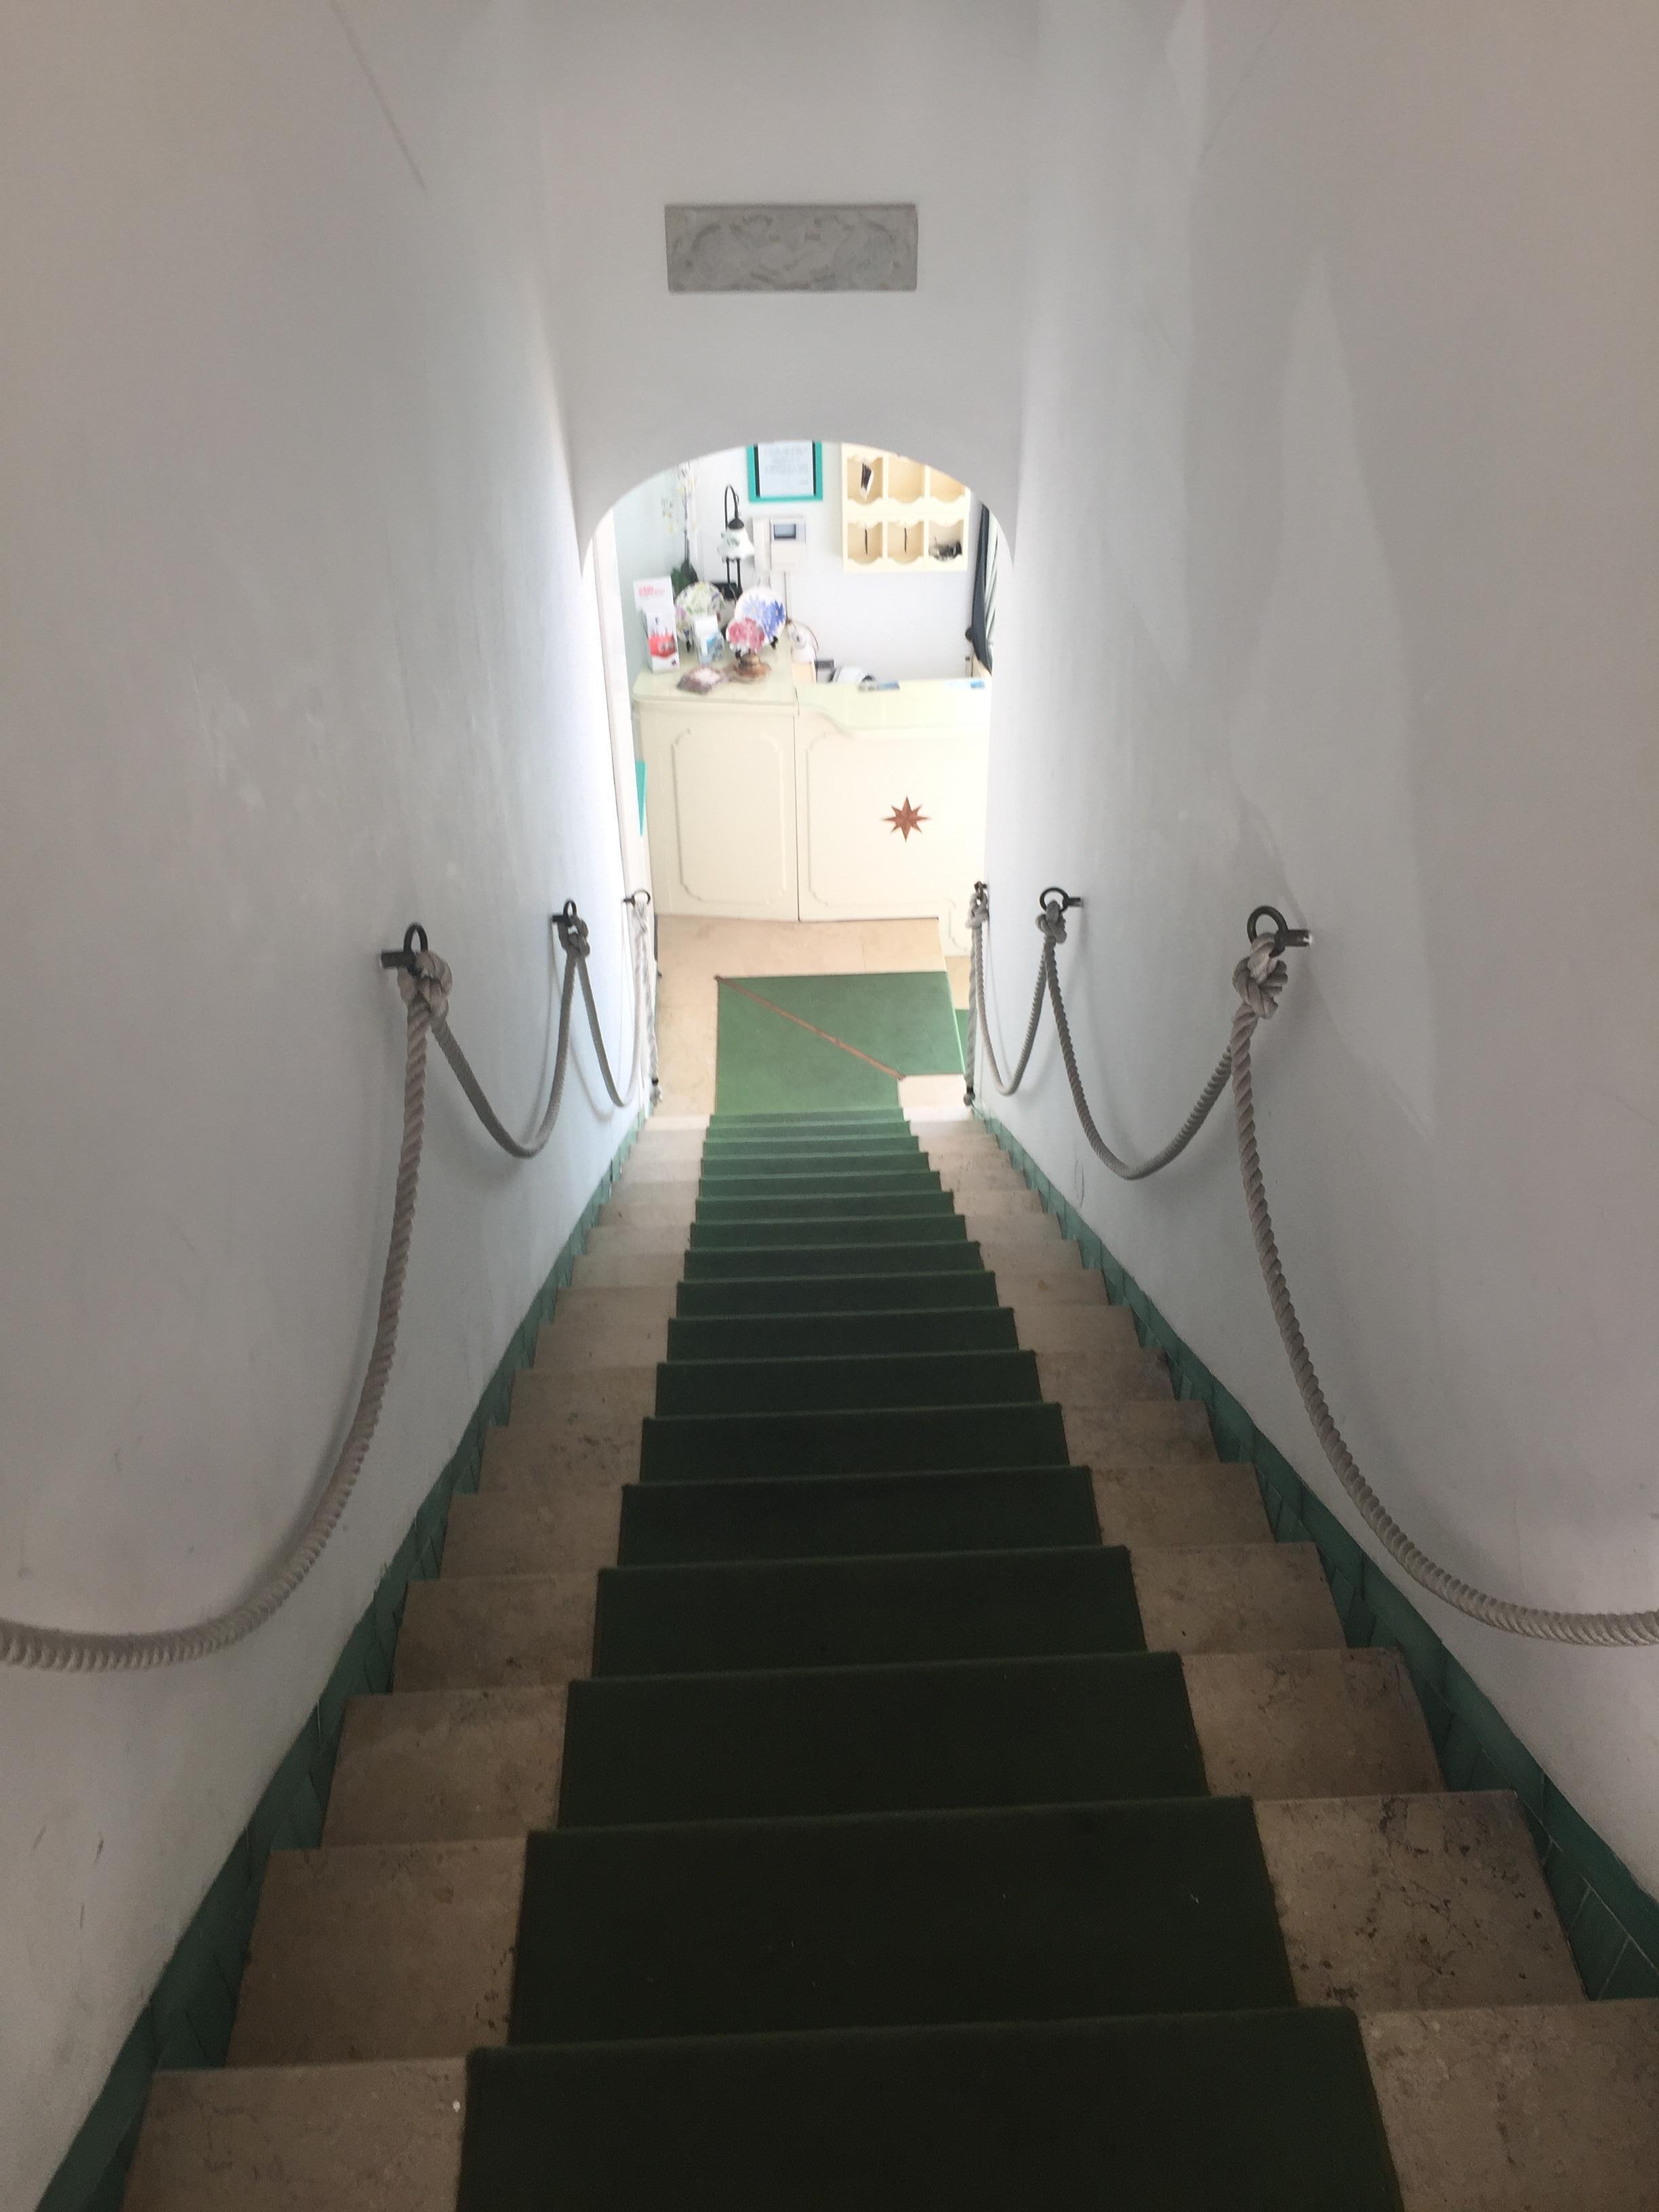 Entrance to La Ninfa